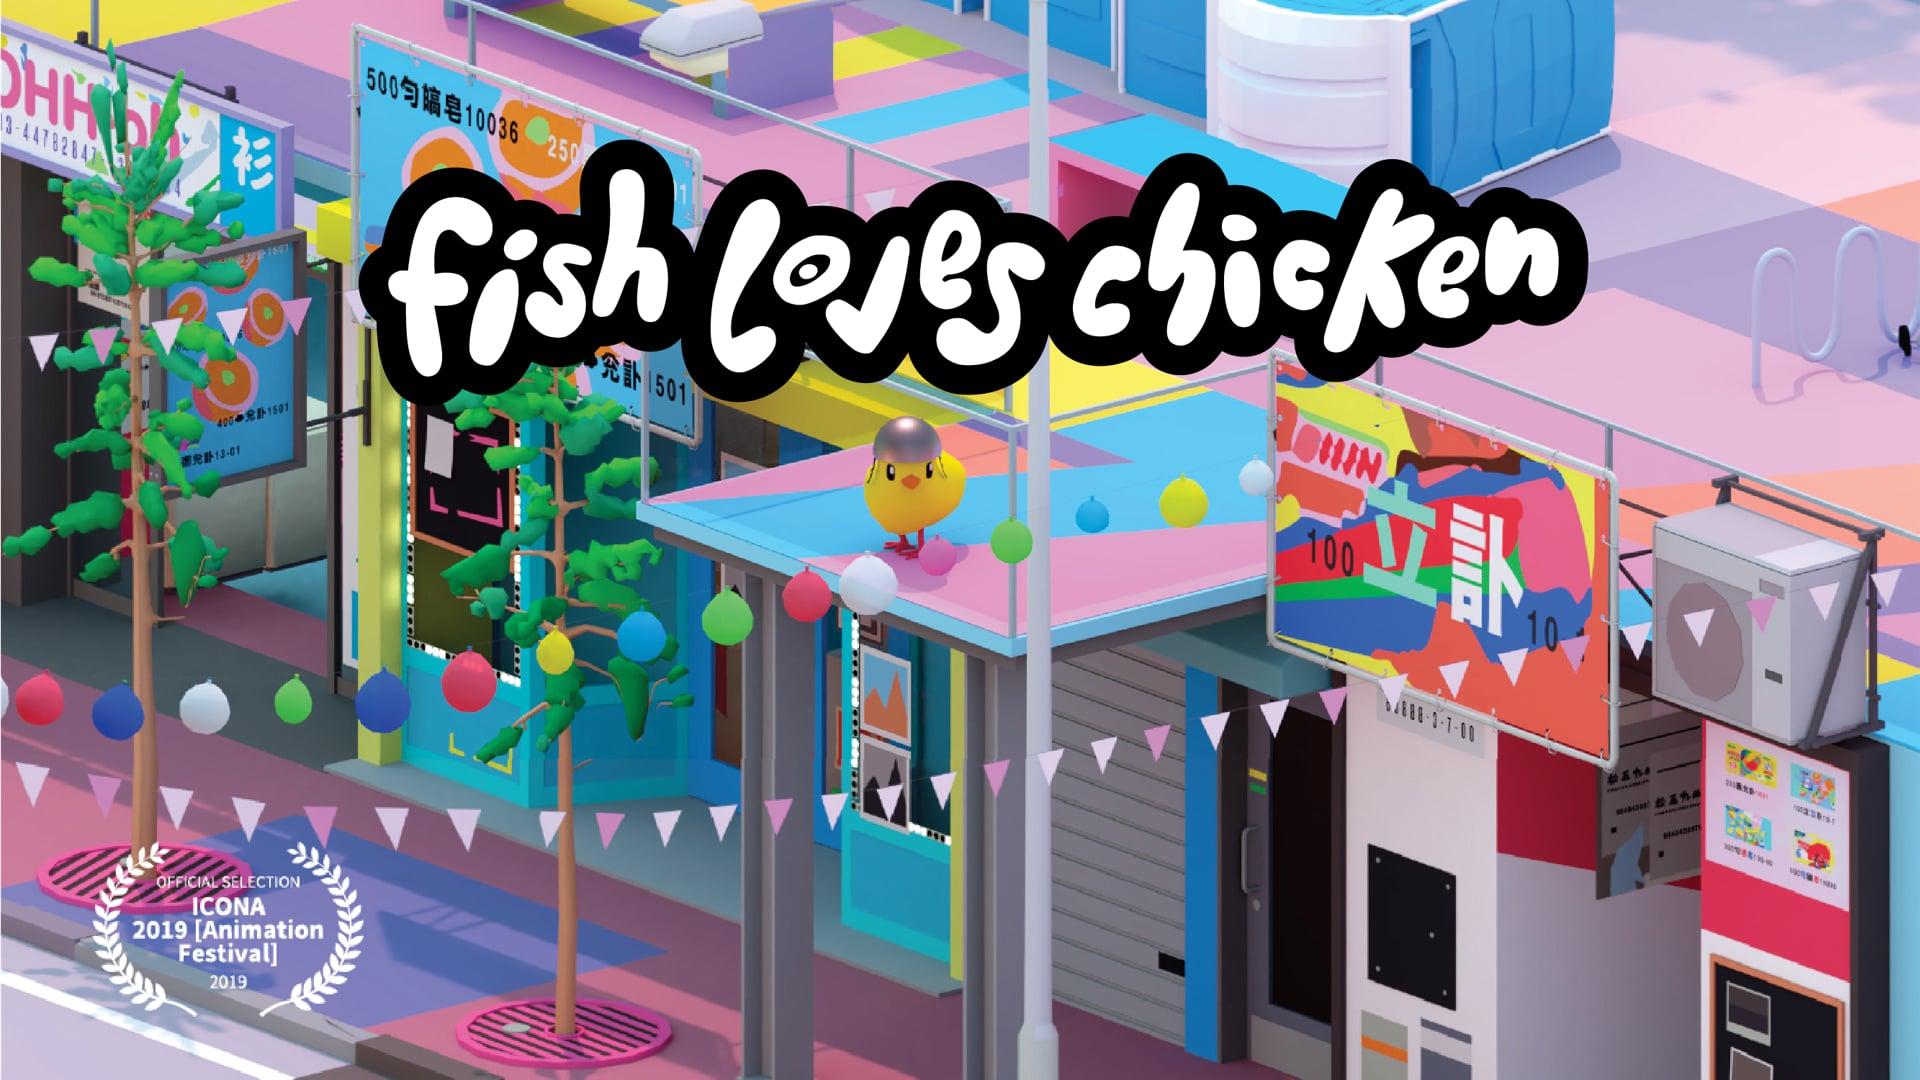 Fish Loves Chicken